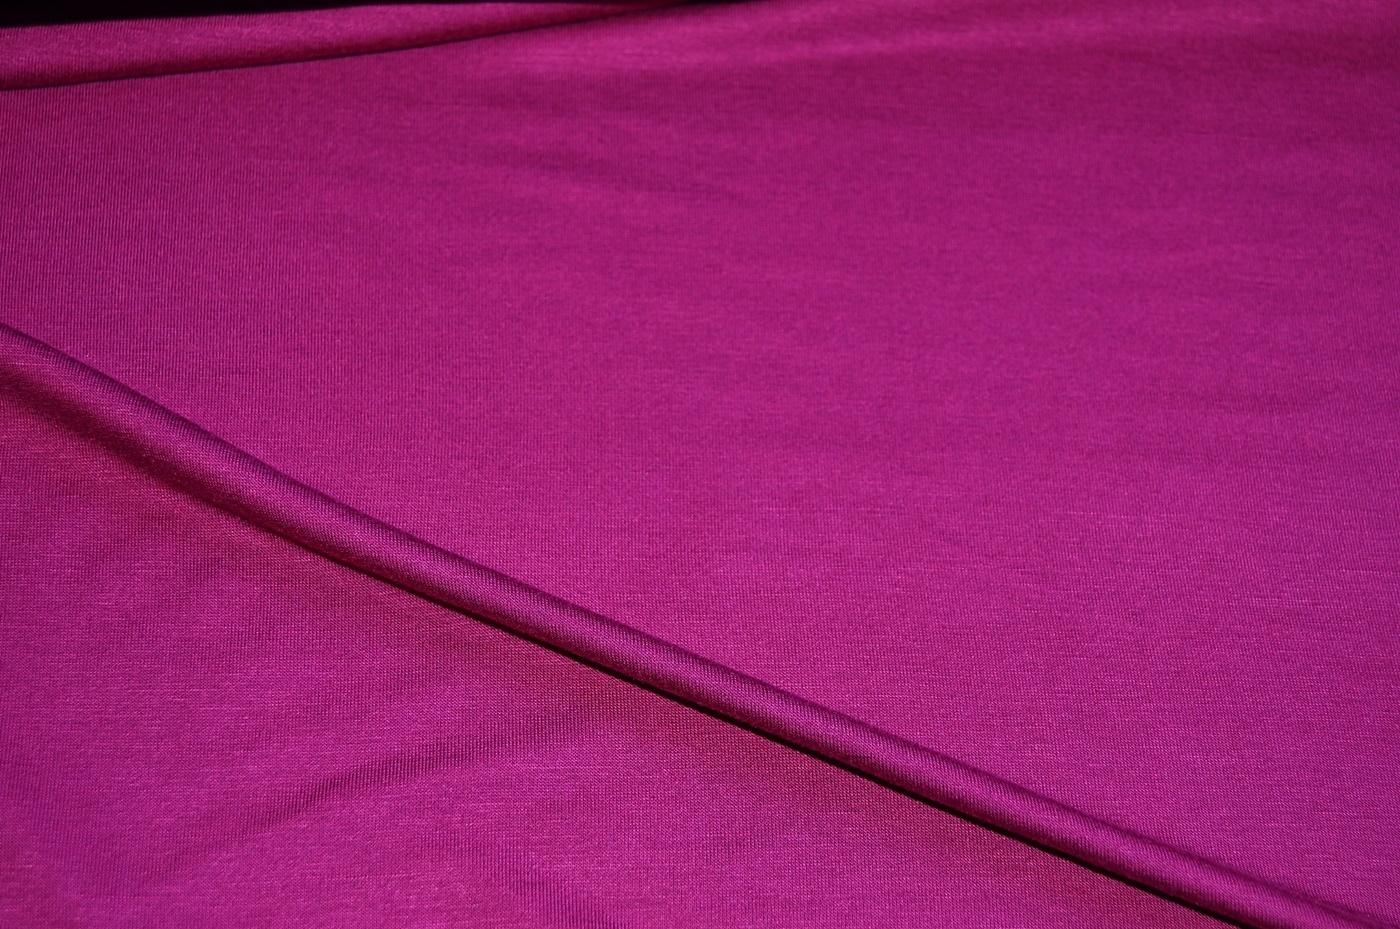 stoffe online kaufen xxl viskose jersey stoff dunkel pink. Black Bedroom Furniture Sets. Home Design Ideas